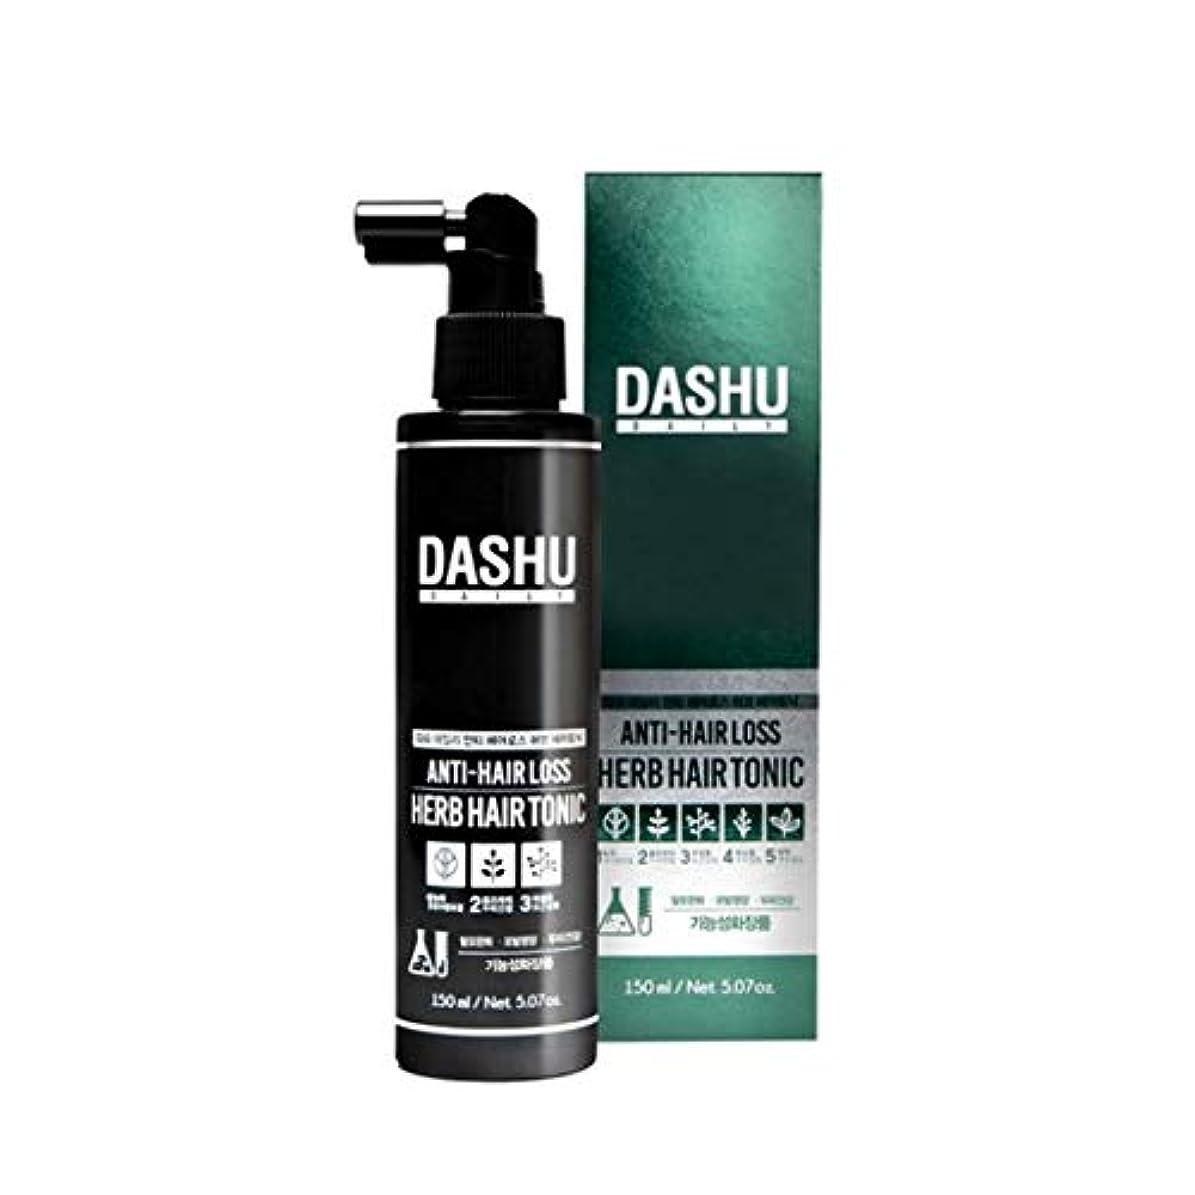 ダシュデイリーアンチヘアロスハブヘアトニック150ml韓国コスメ、Dashu Daily Anti-Hair Loss Herb Hair Tonic 150ml Korean Cosmetics {並行輸入品]